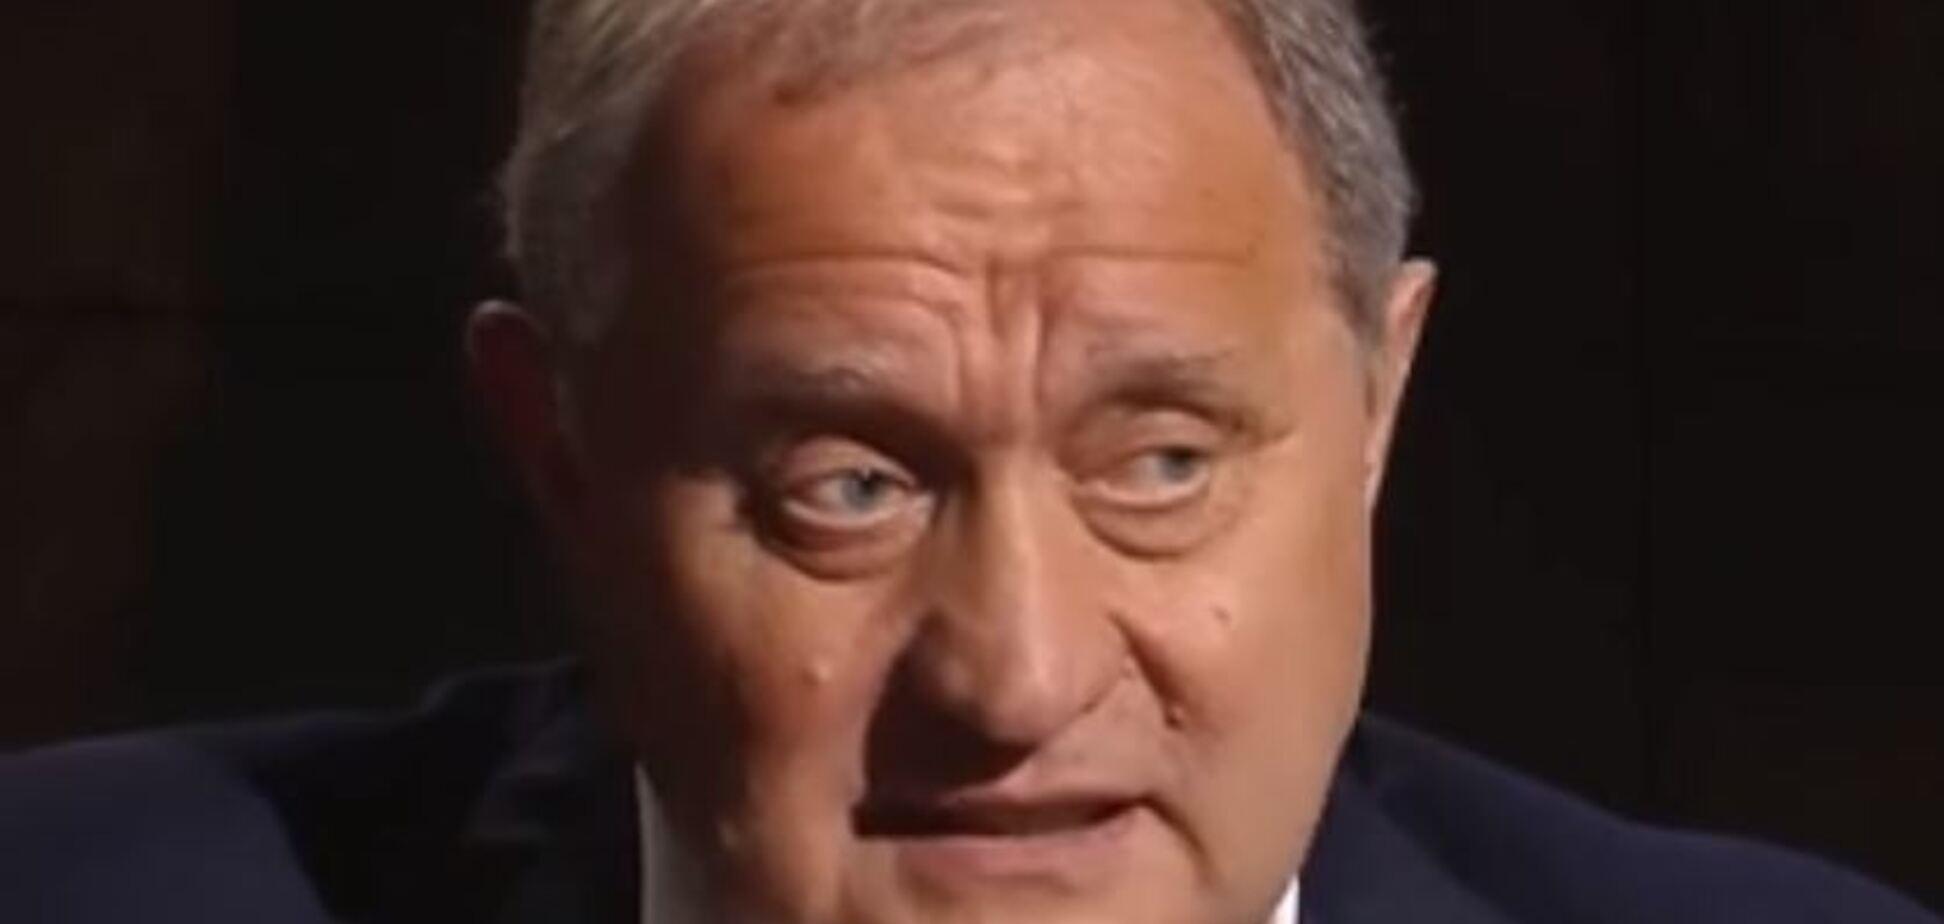 Захват Крыма: Могилев рассказал, что было перед аннексией